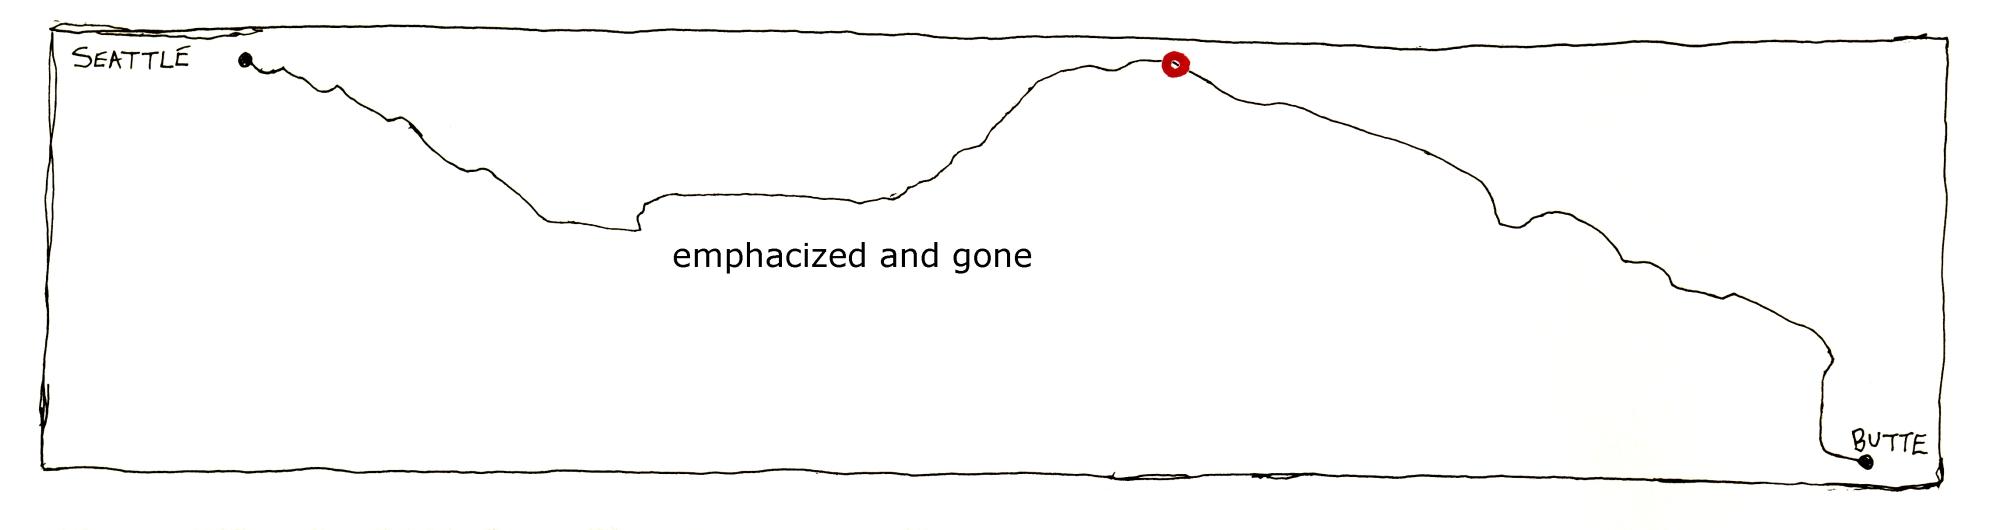 318 map